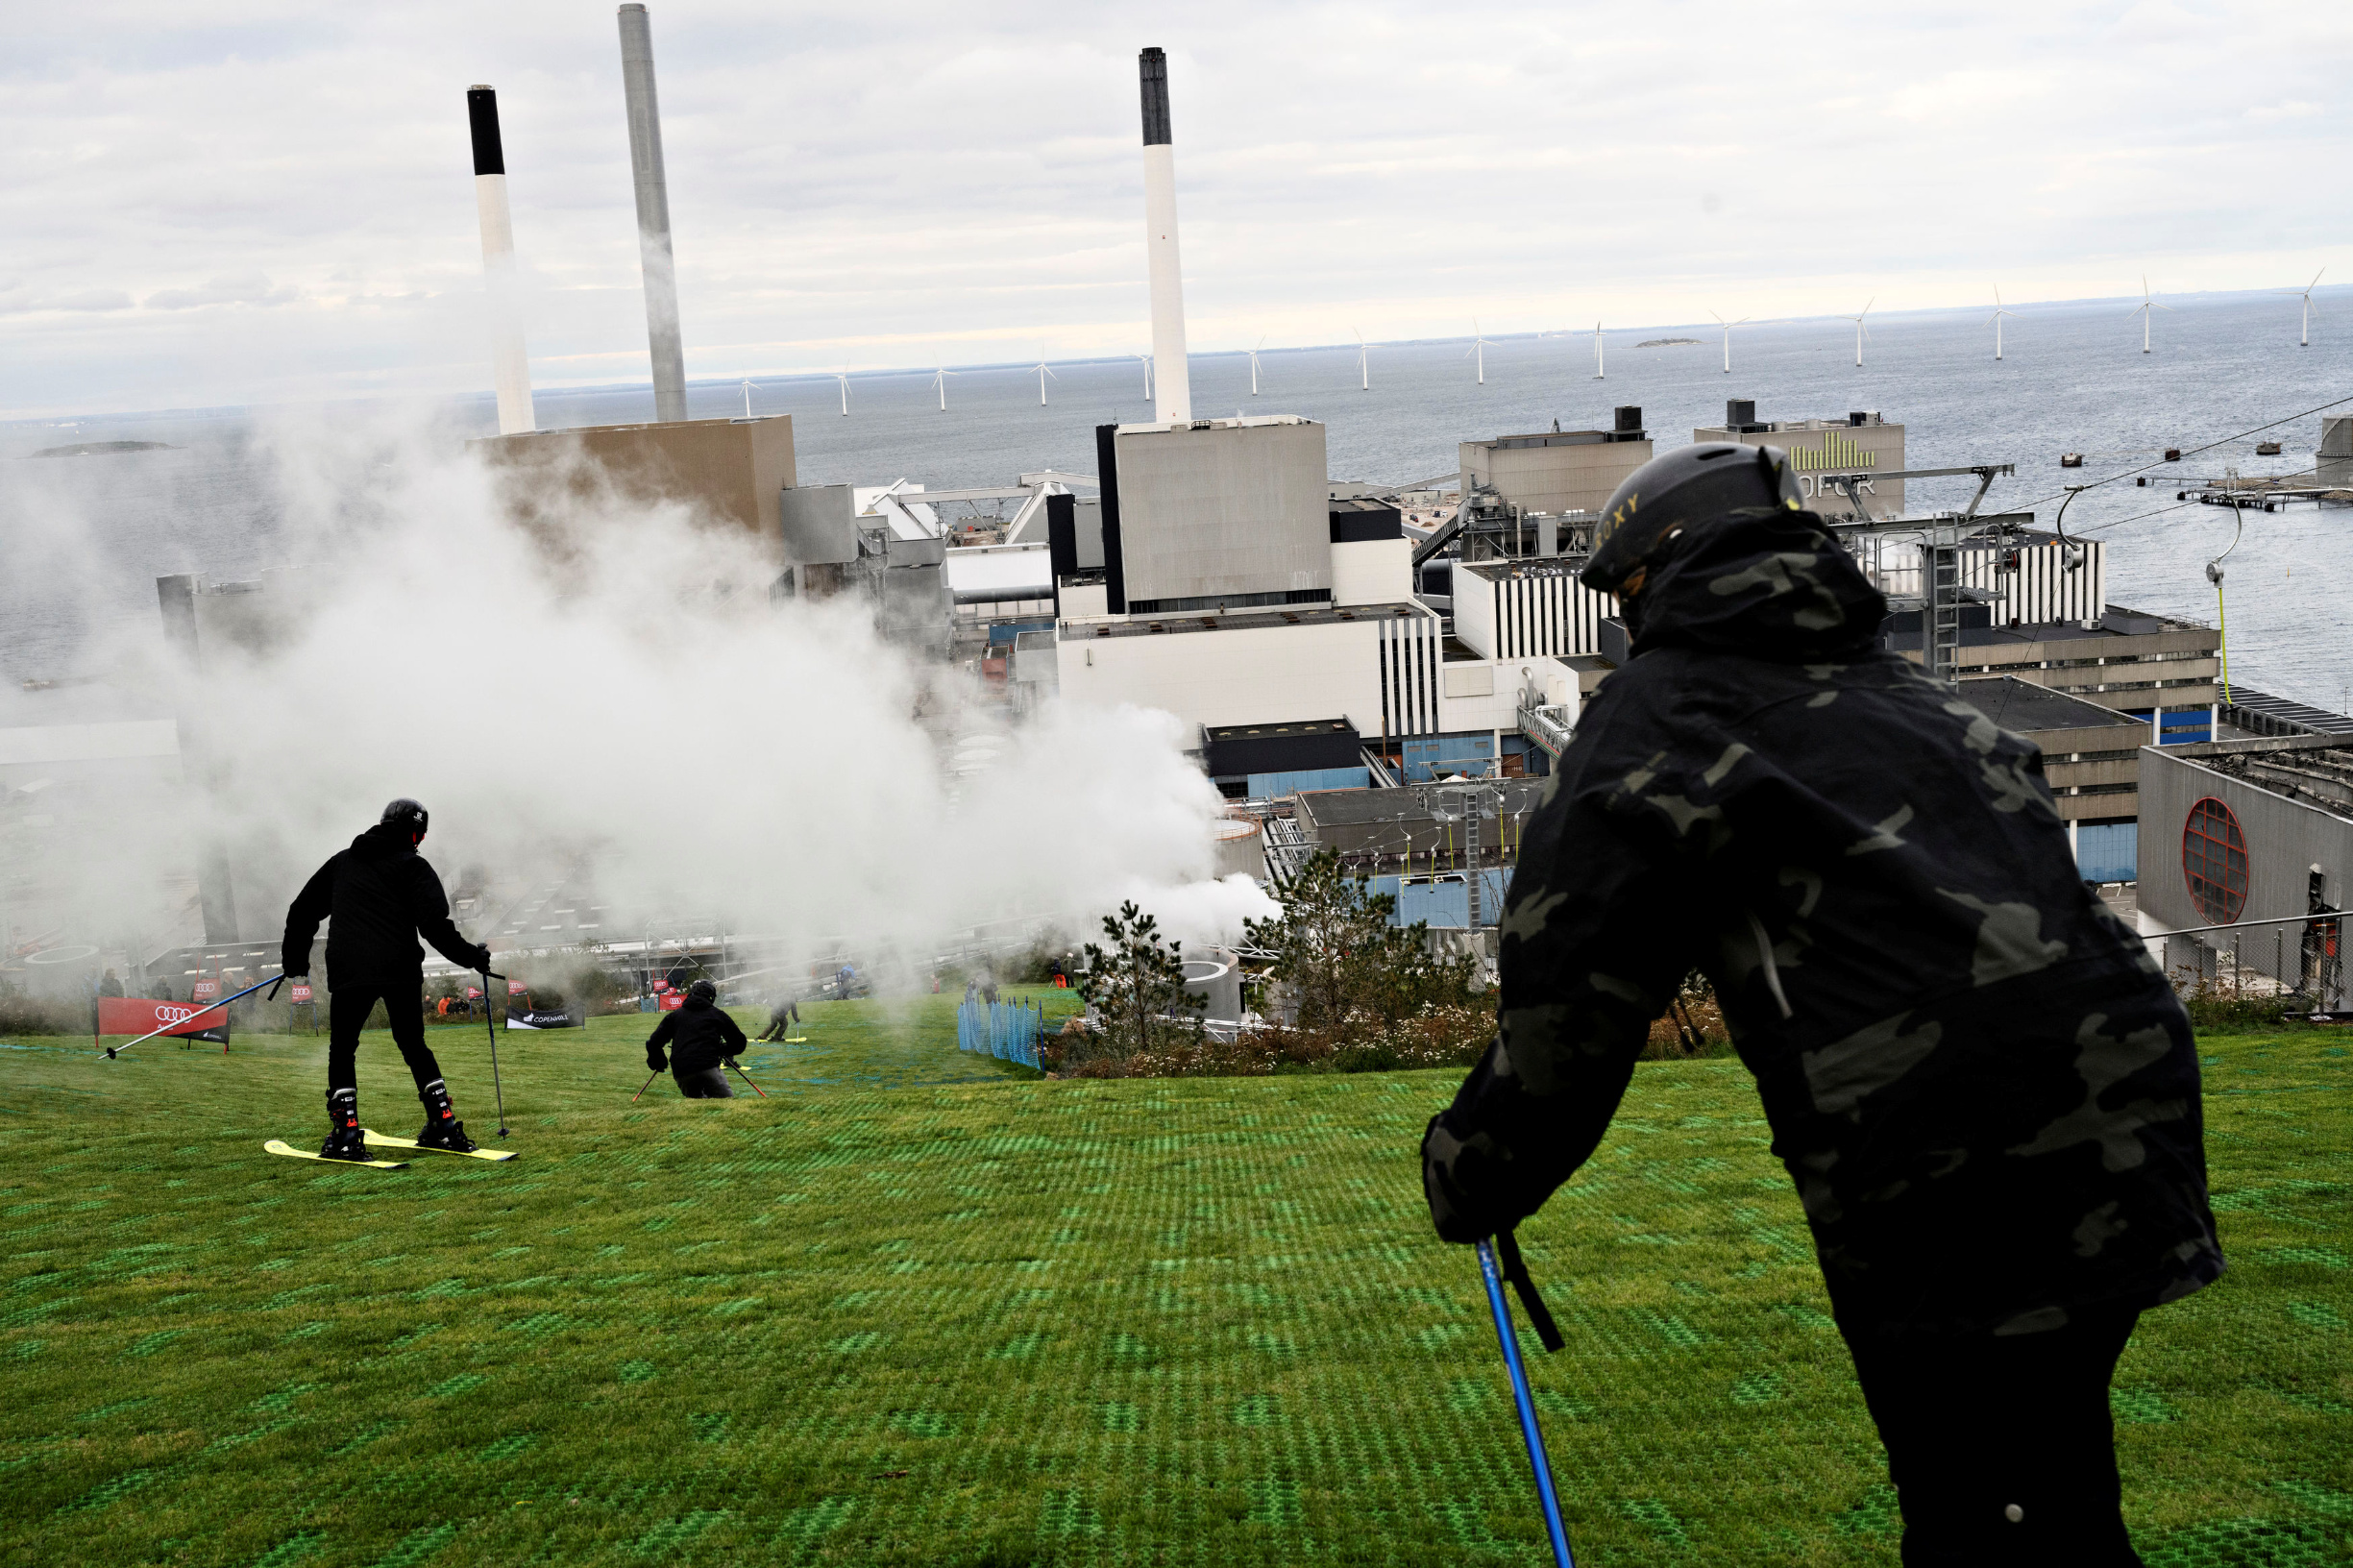 Copenhill, skijaška staza na spalionici smeća